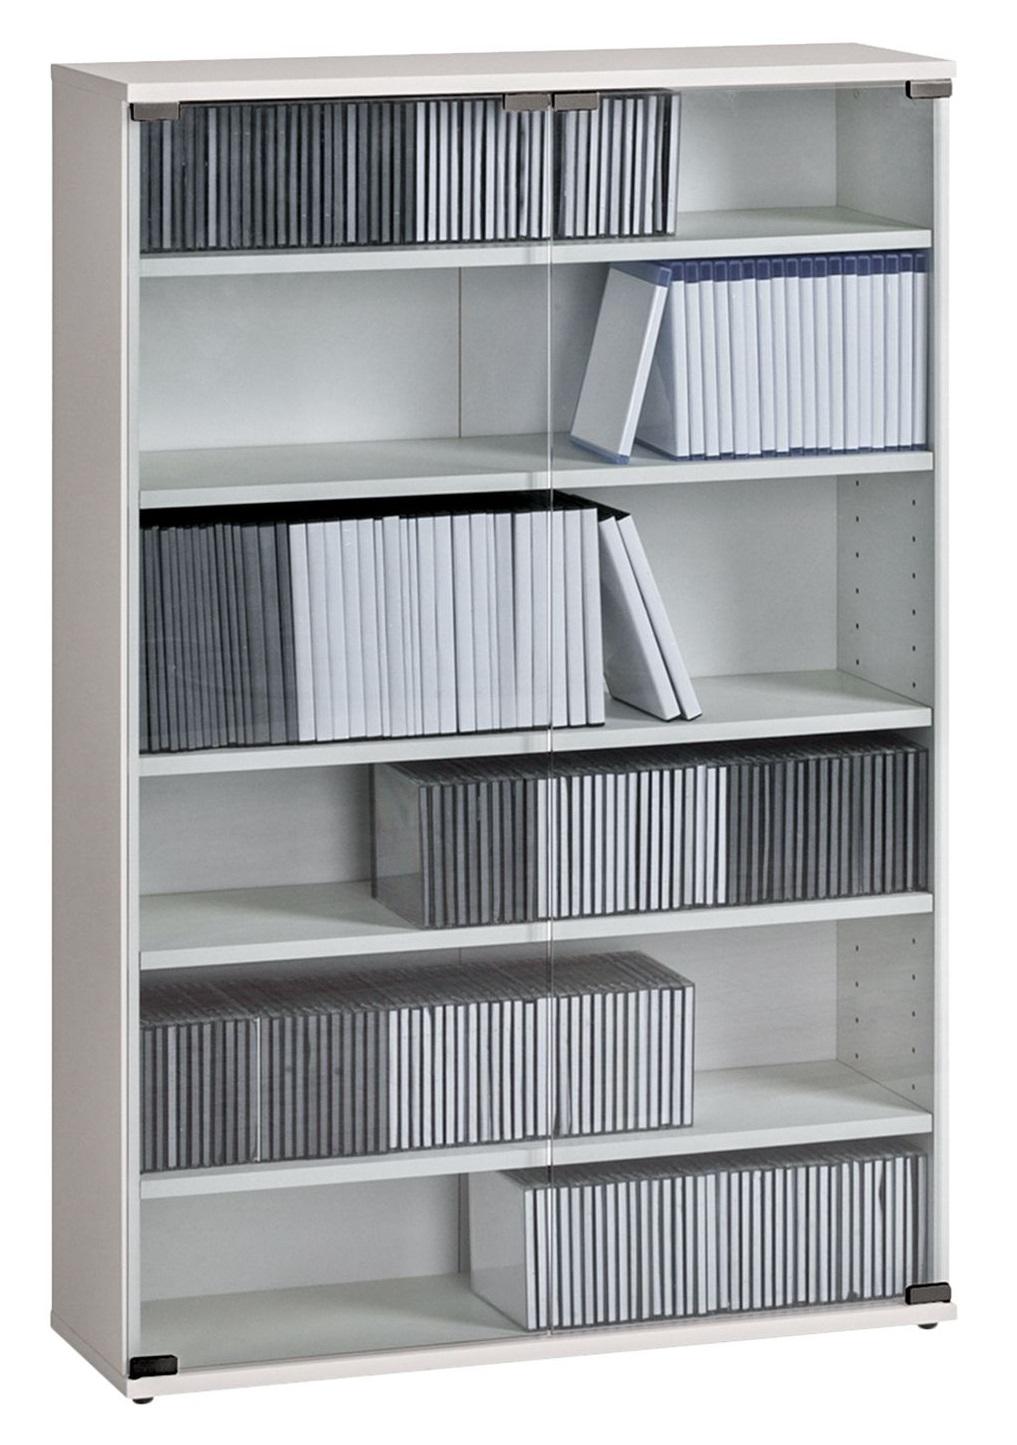 CD DVD kast Maya L 110 cm hoog in wit